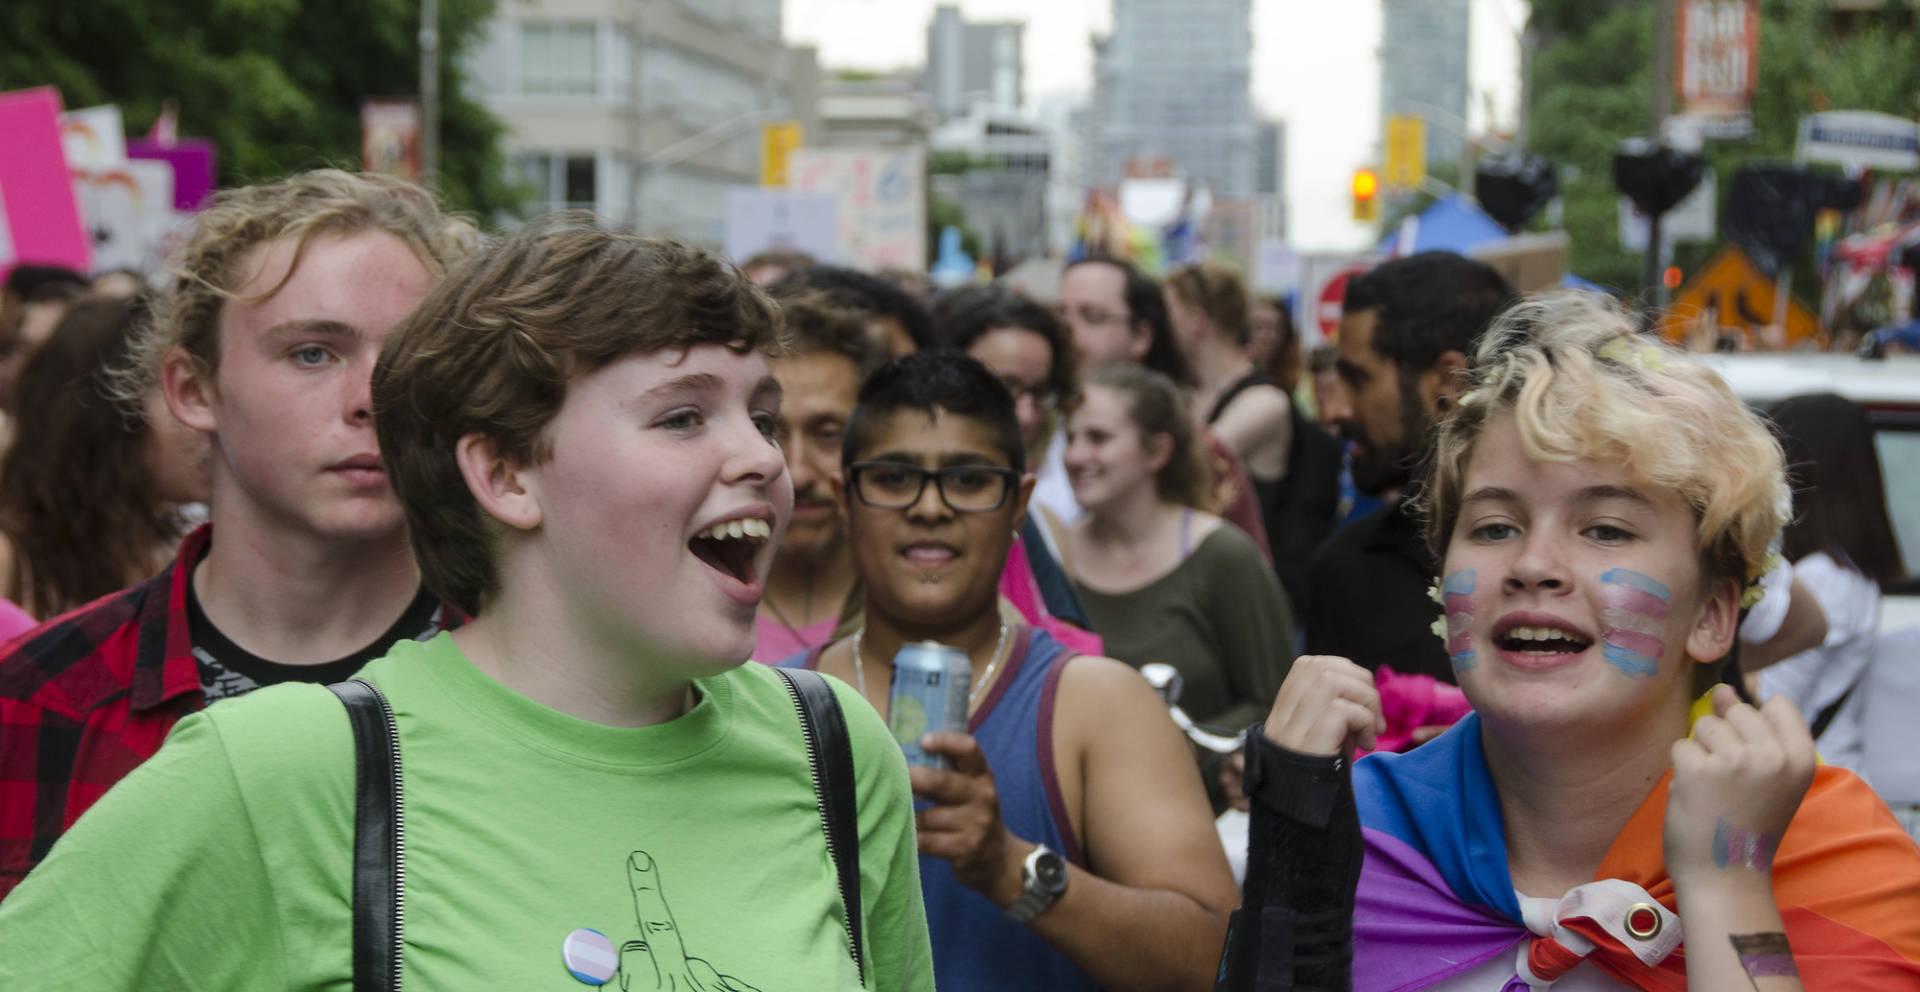 Gender nonconforming heterosexual